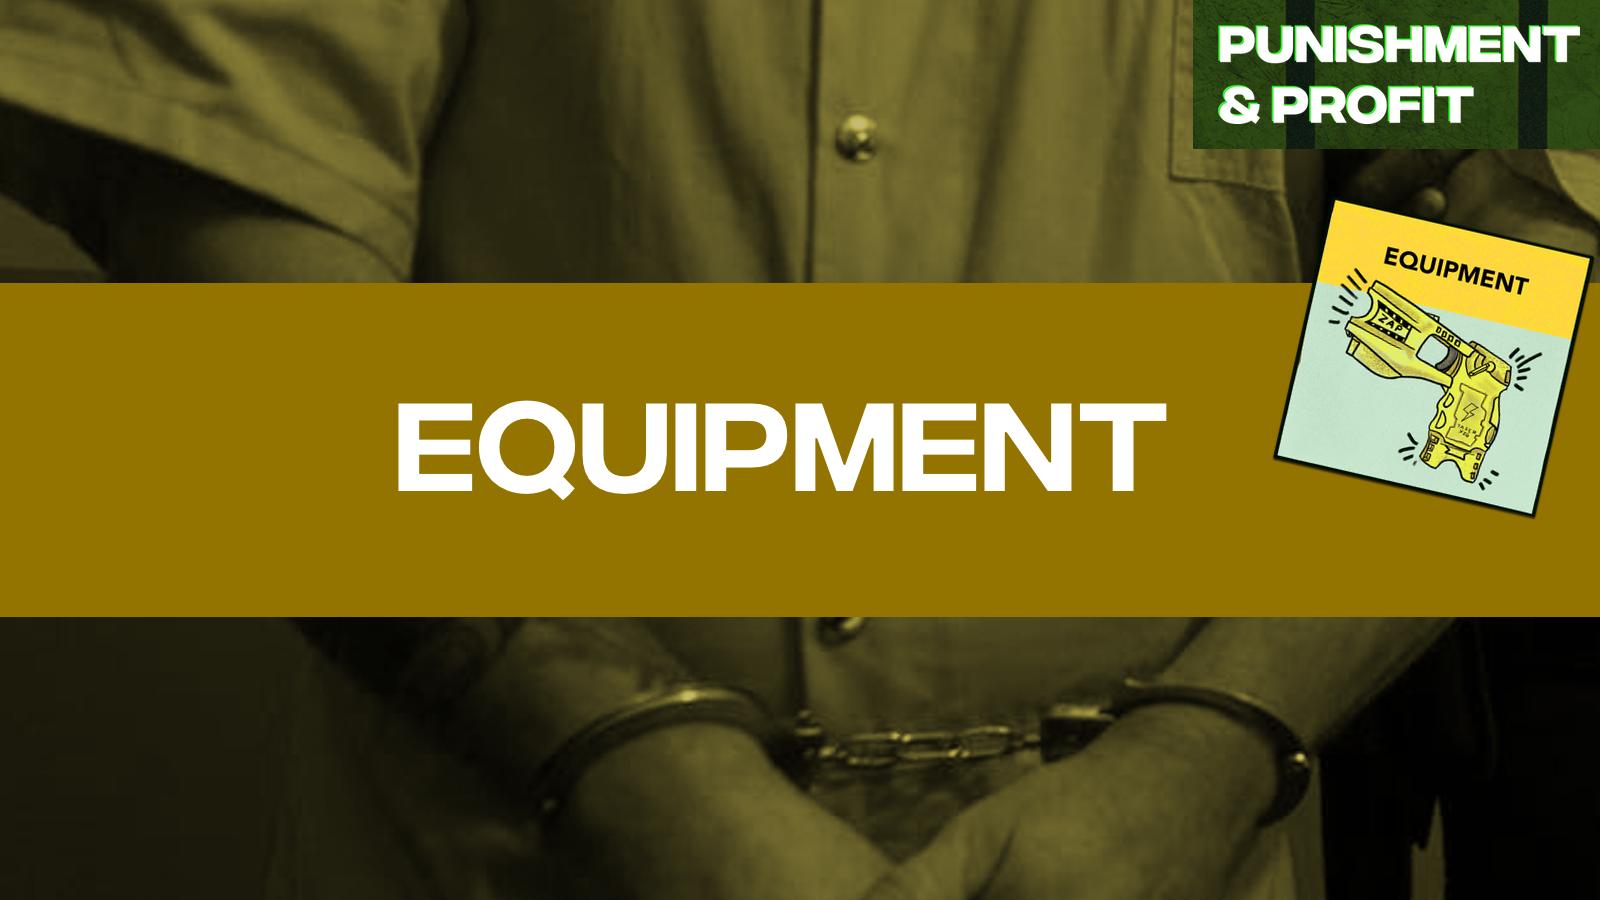 Punishment & Profit: Equipment